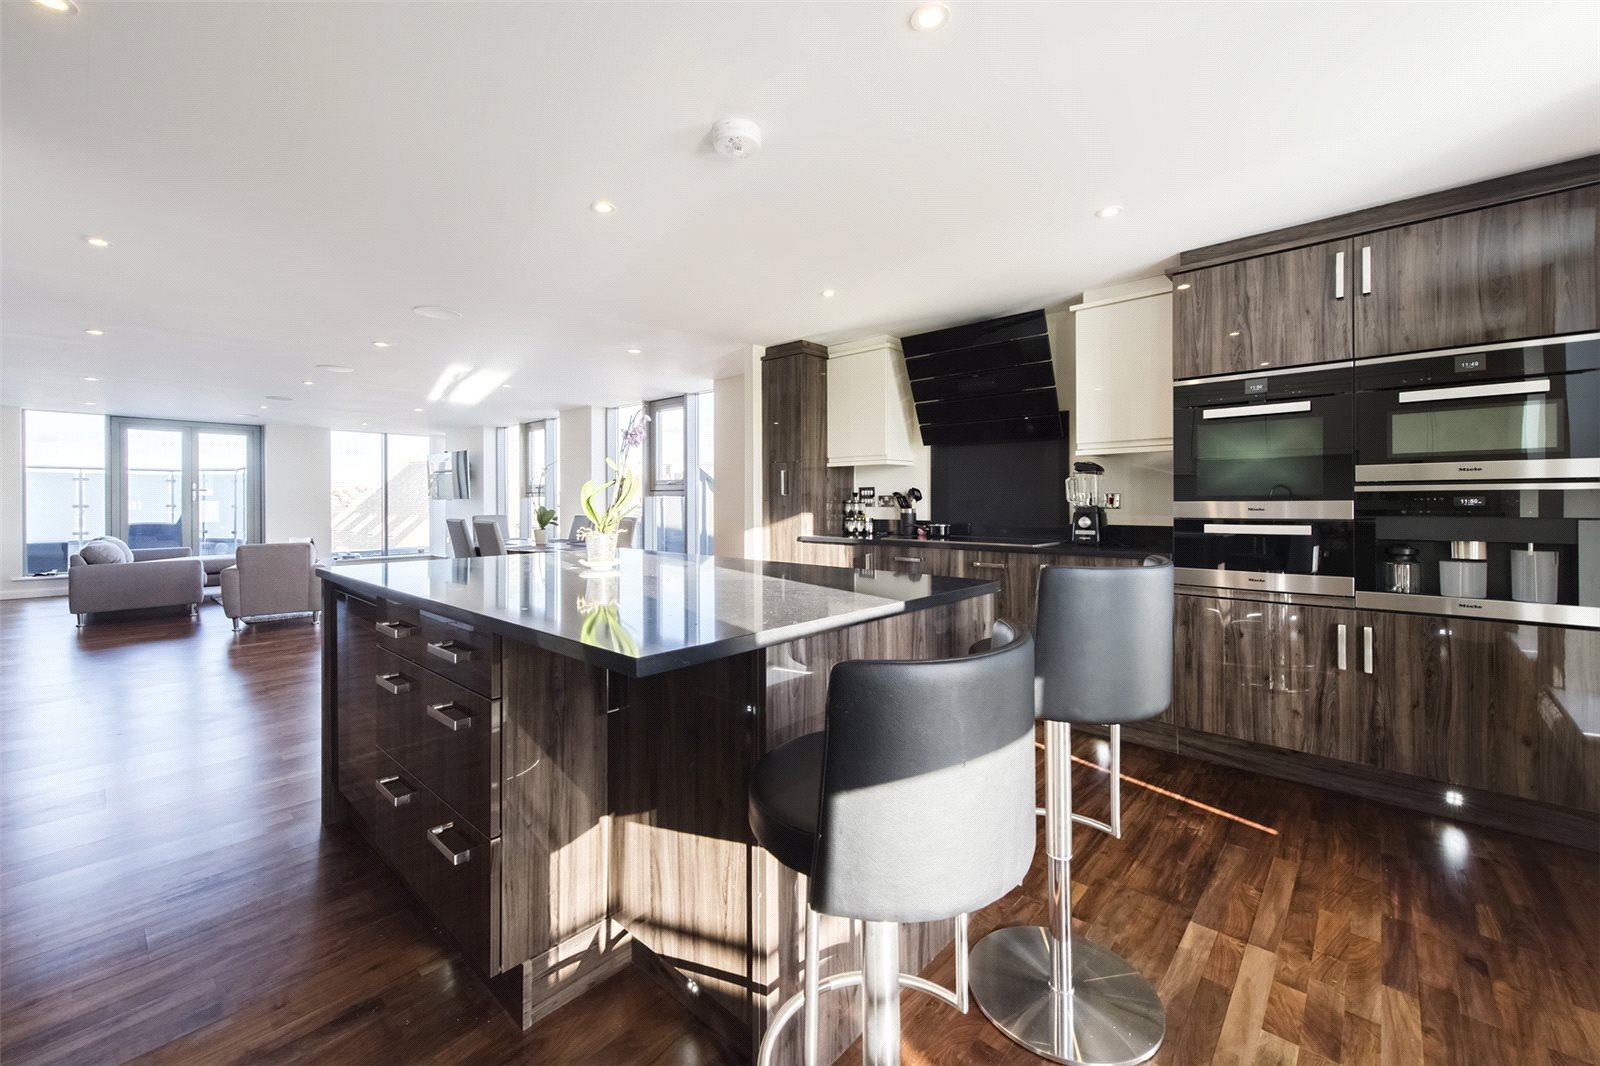 公寓 为 销售 在 Dungannon House, 15 Vanston Place, Fulham, London, SW6 Fulham, London, 英格兰